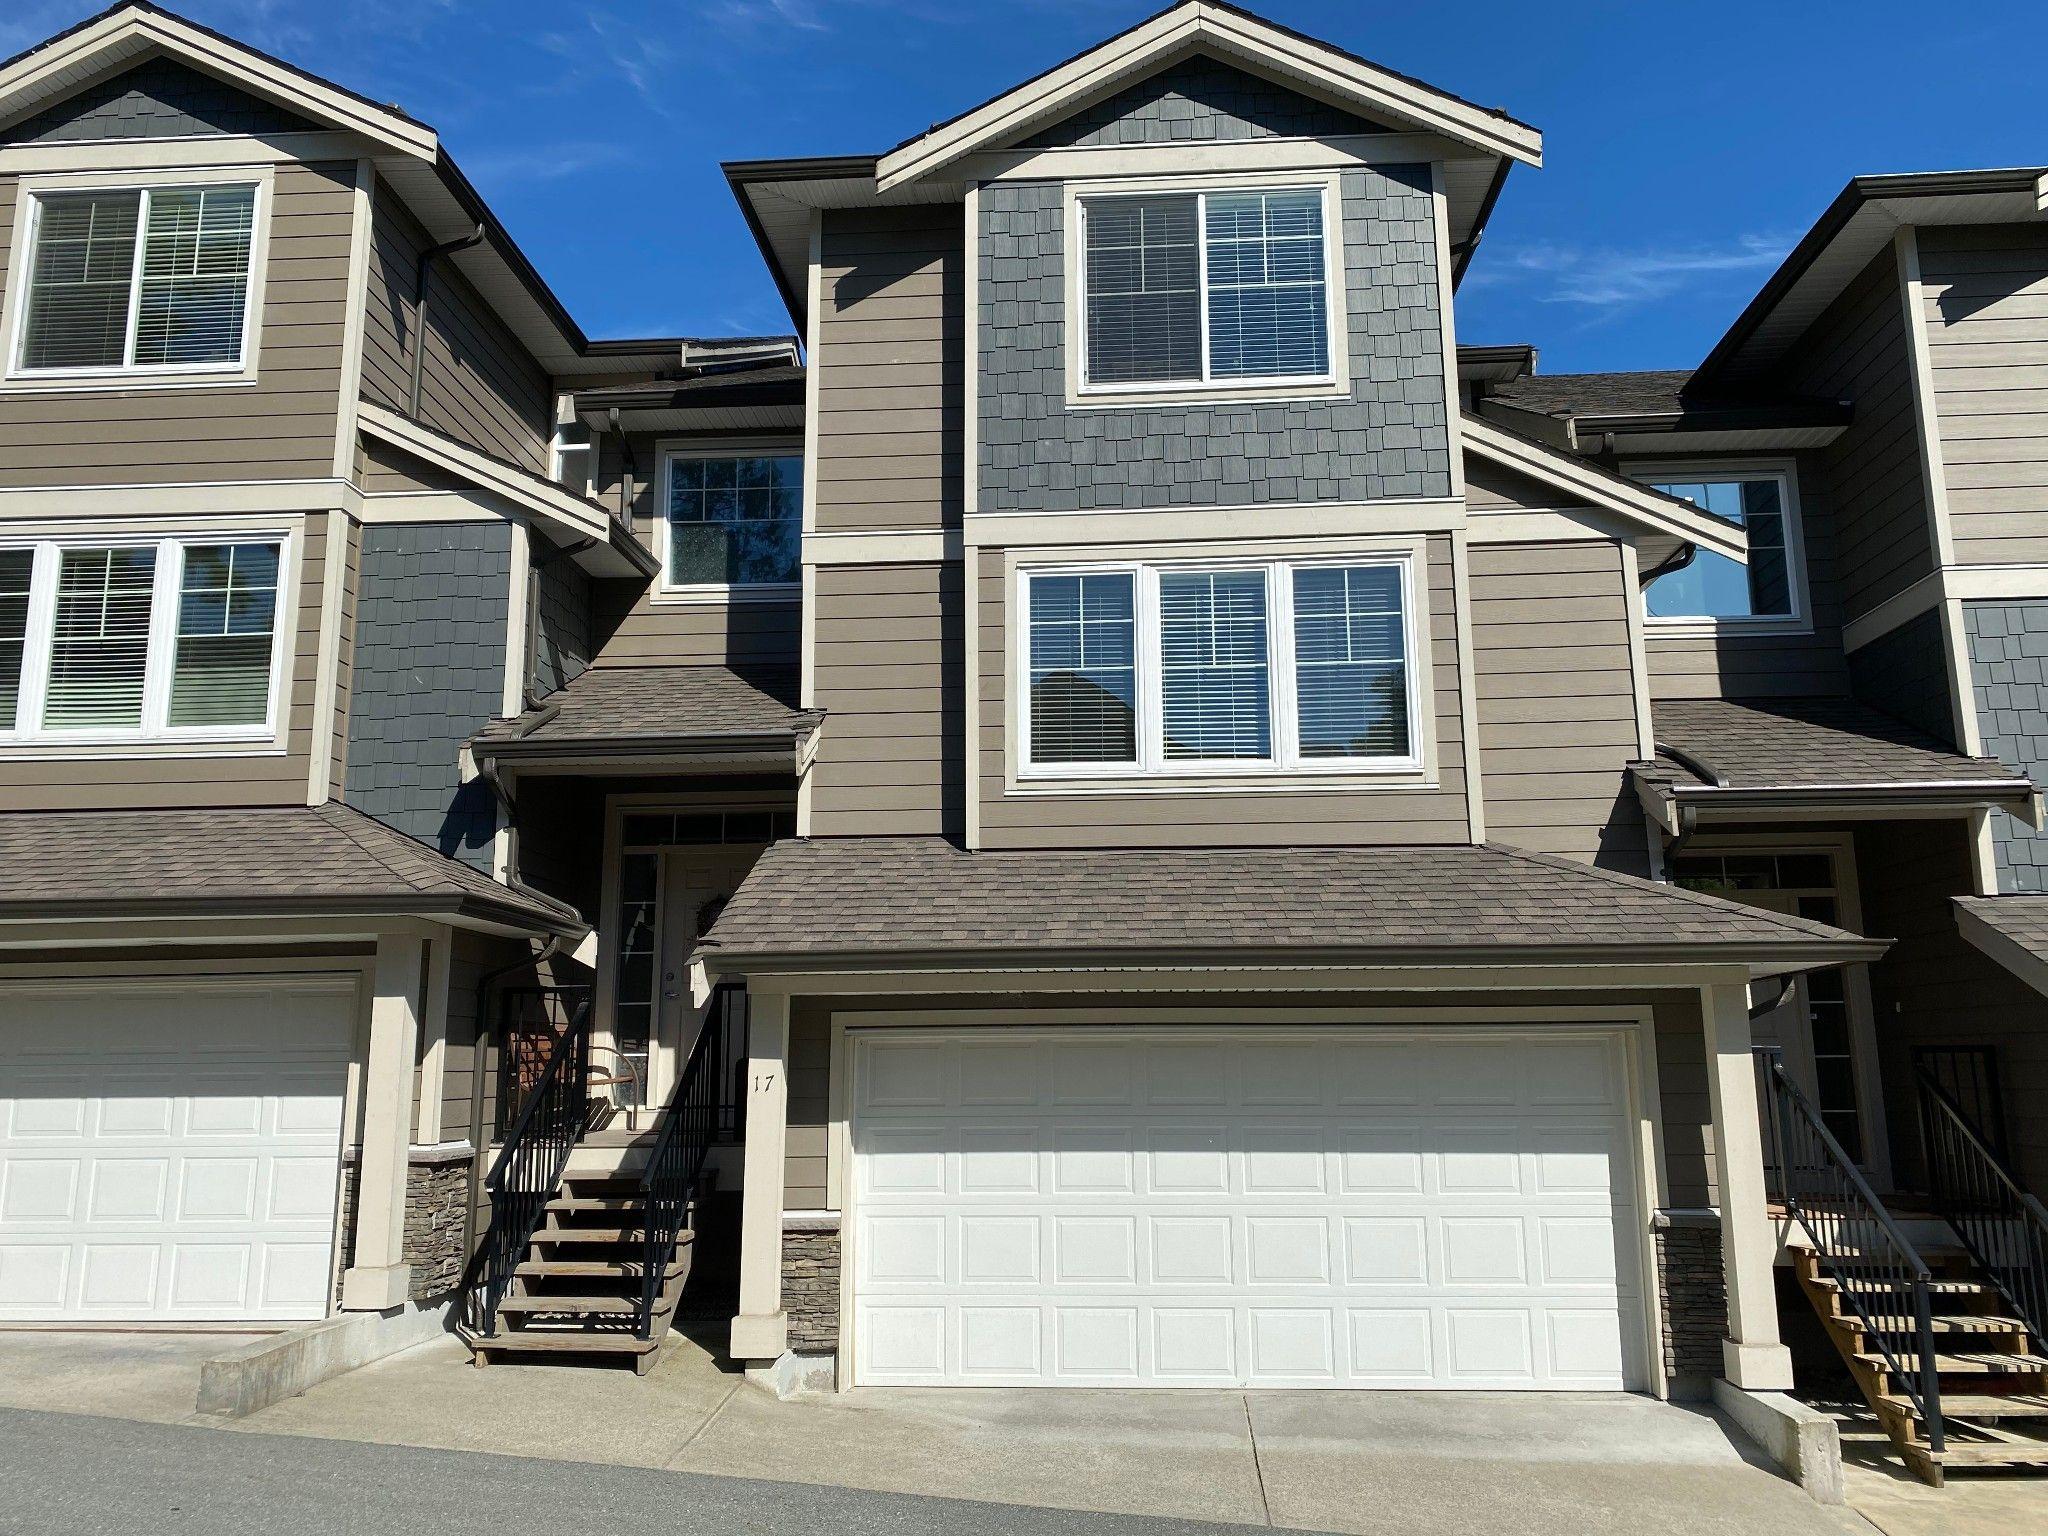 Main Photo: 17-11384 Burnett Street in Maple Ridge: East Central Townhouse for sale : MLS®# R2589737